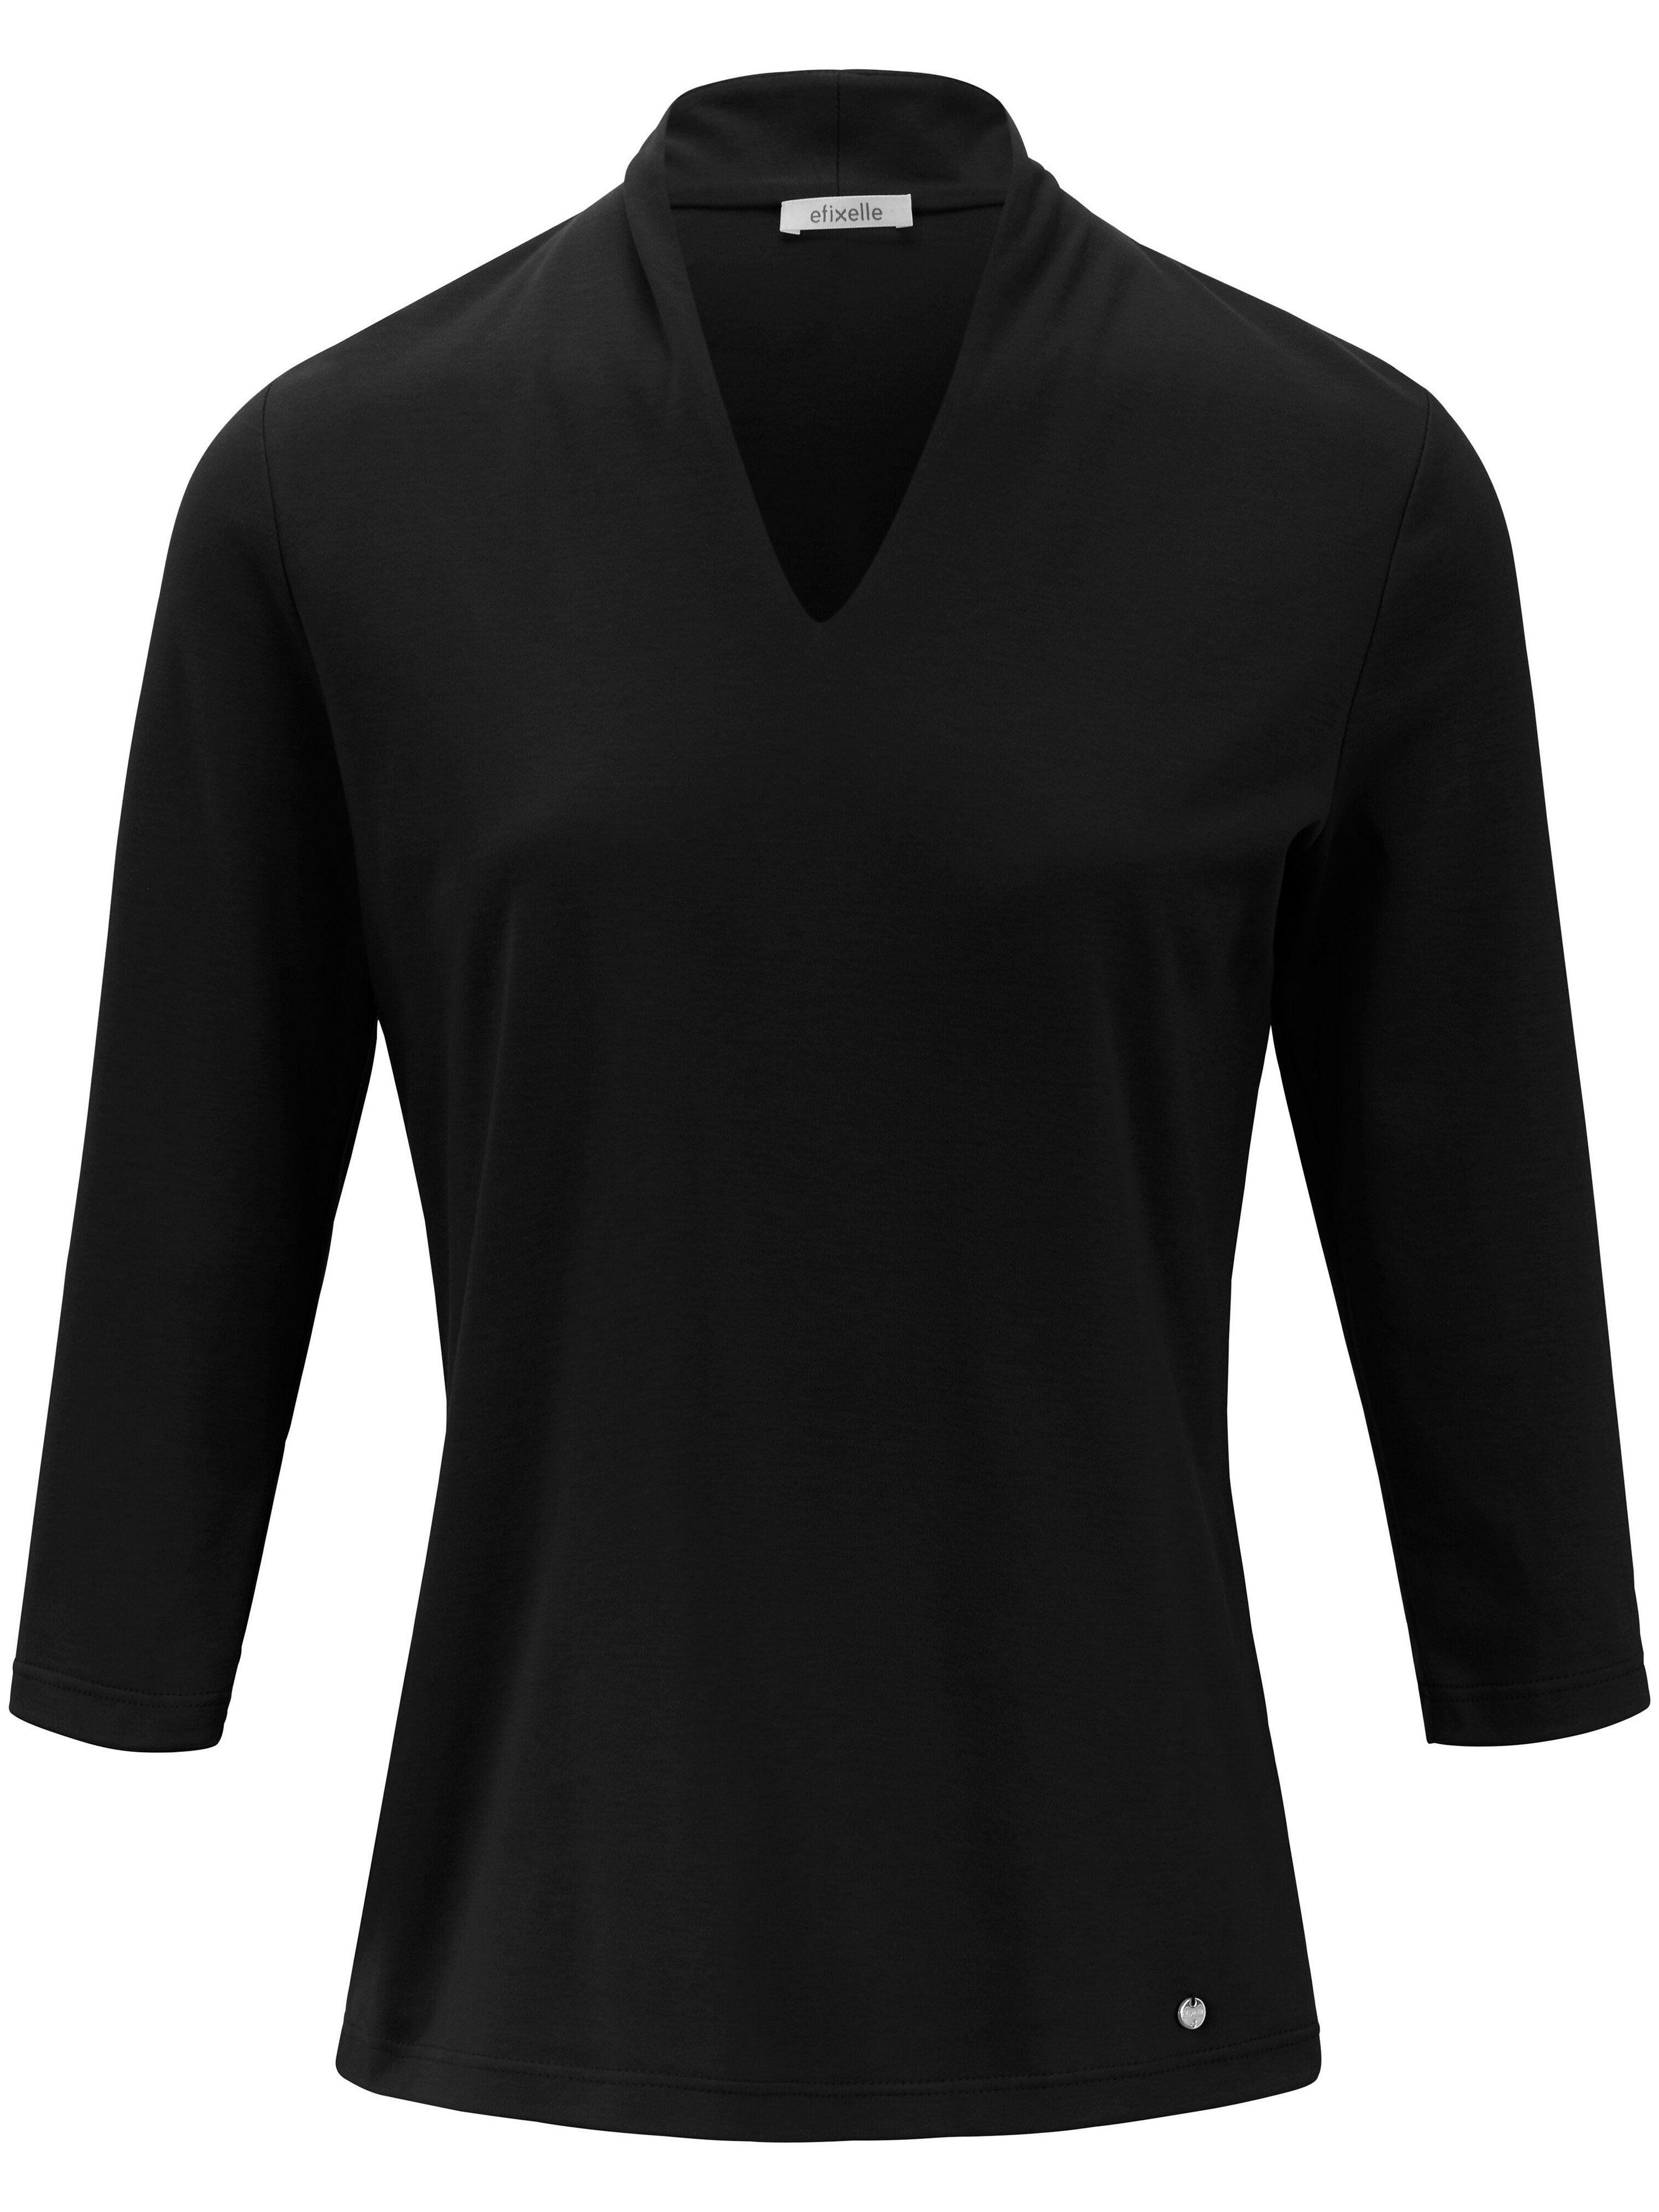 Efixelle Le T-shirt manches 3/4 100% coton  Efixelle noir  - Femme - 38